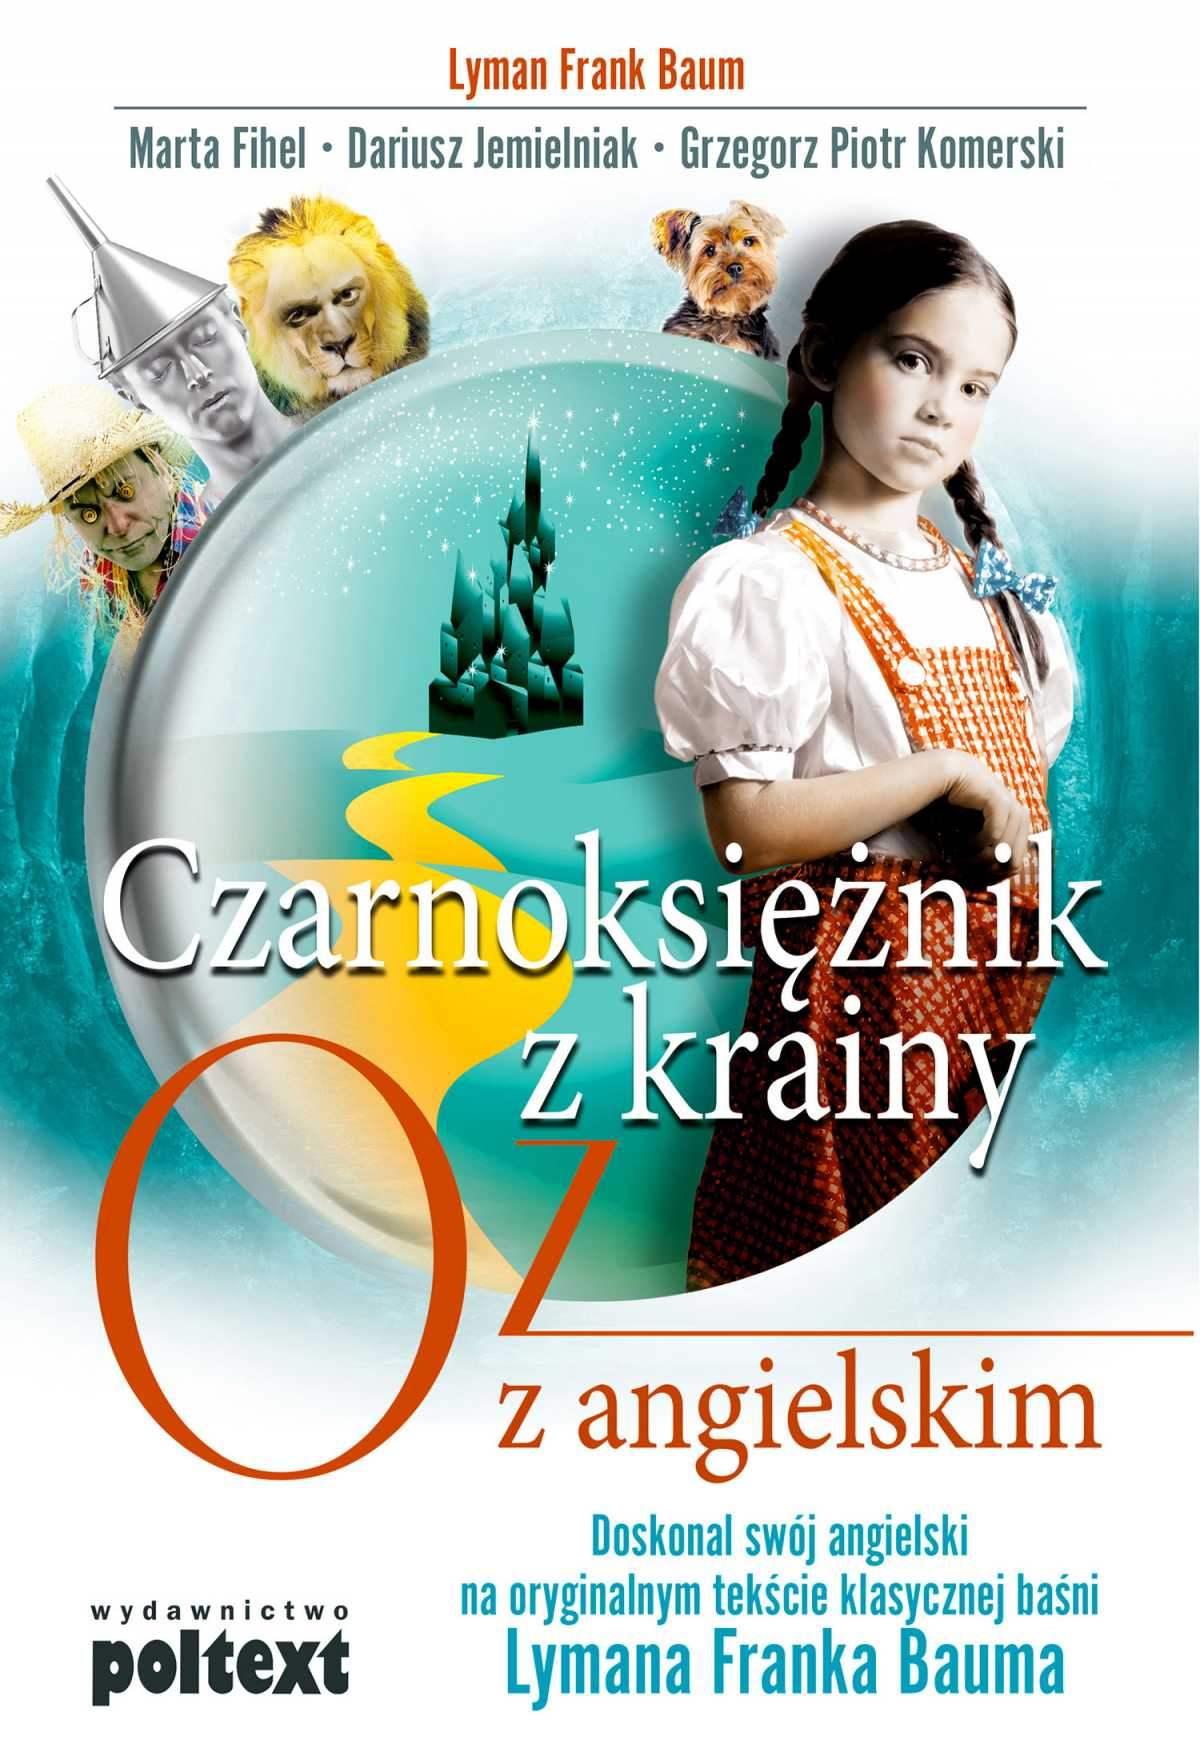 Czarnoksiężnik z krainy Oz z angielskim - Ebook (Książka EPUB) do pobrania w formacie EPUB